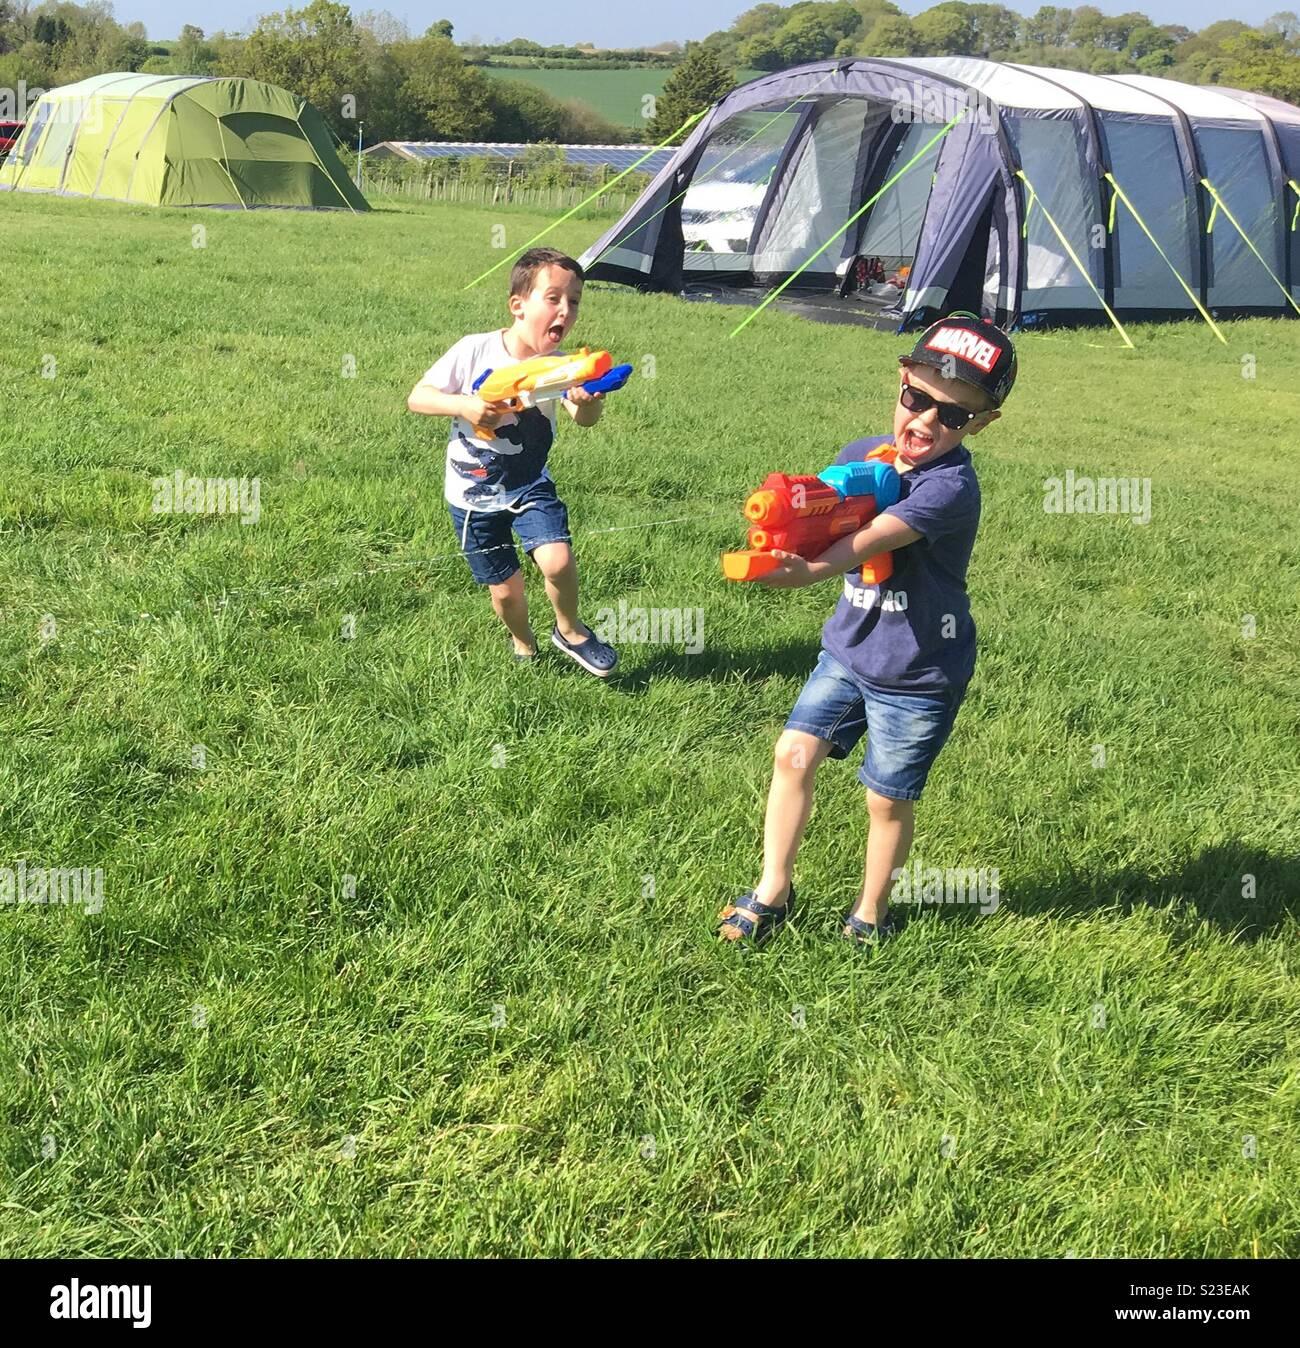 Pistola acqua lotta in un campeggio in Gran Bretagna durante le vacanze di Pasqua in 2018 Immagini Stock